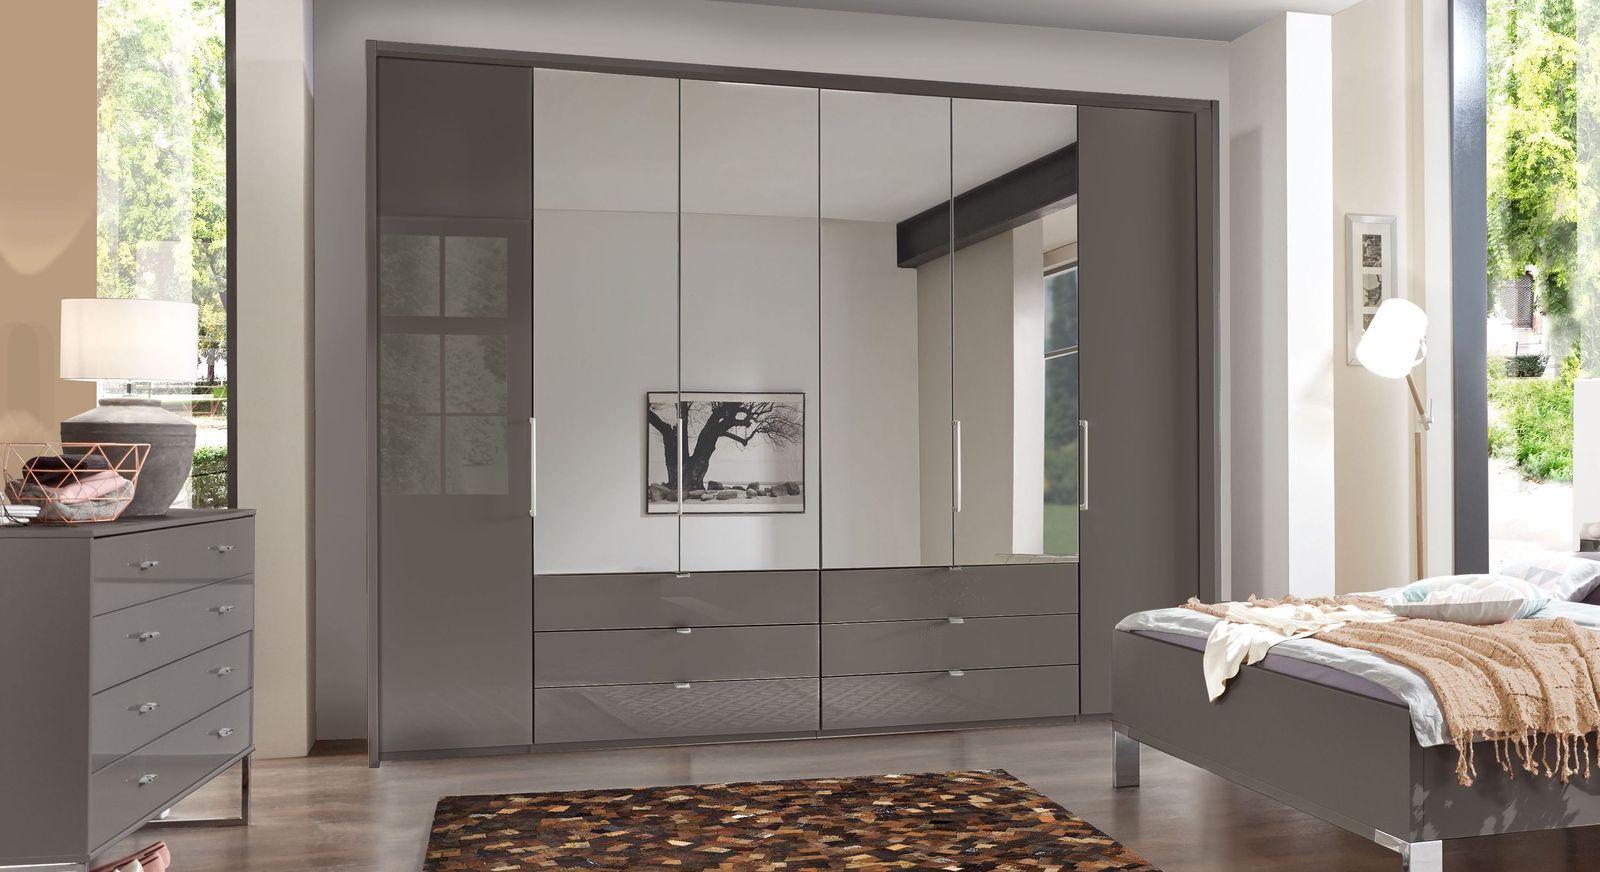 kleiderschrank spiegel modern, spiegel-kleiderschrank mit glasfront und schubladen - harrow, Design ideen